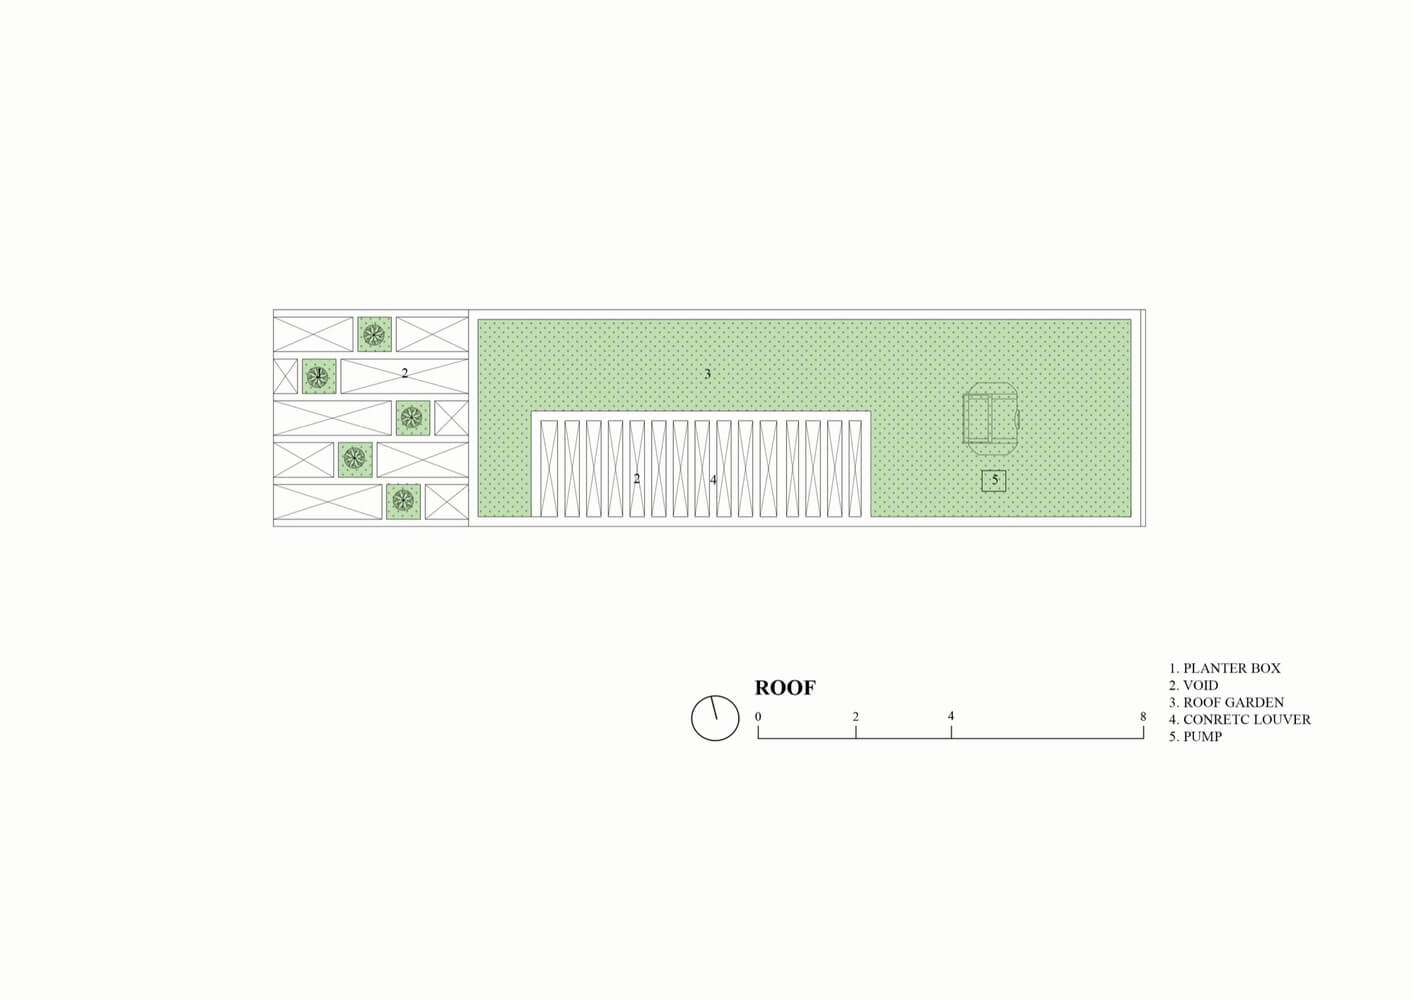 Roof Floor Plan - Ruko Hijau - BeliSewaRumah